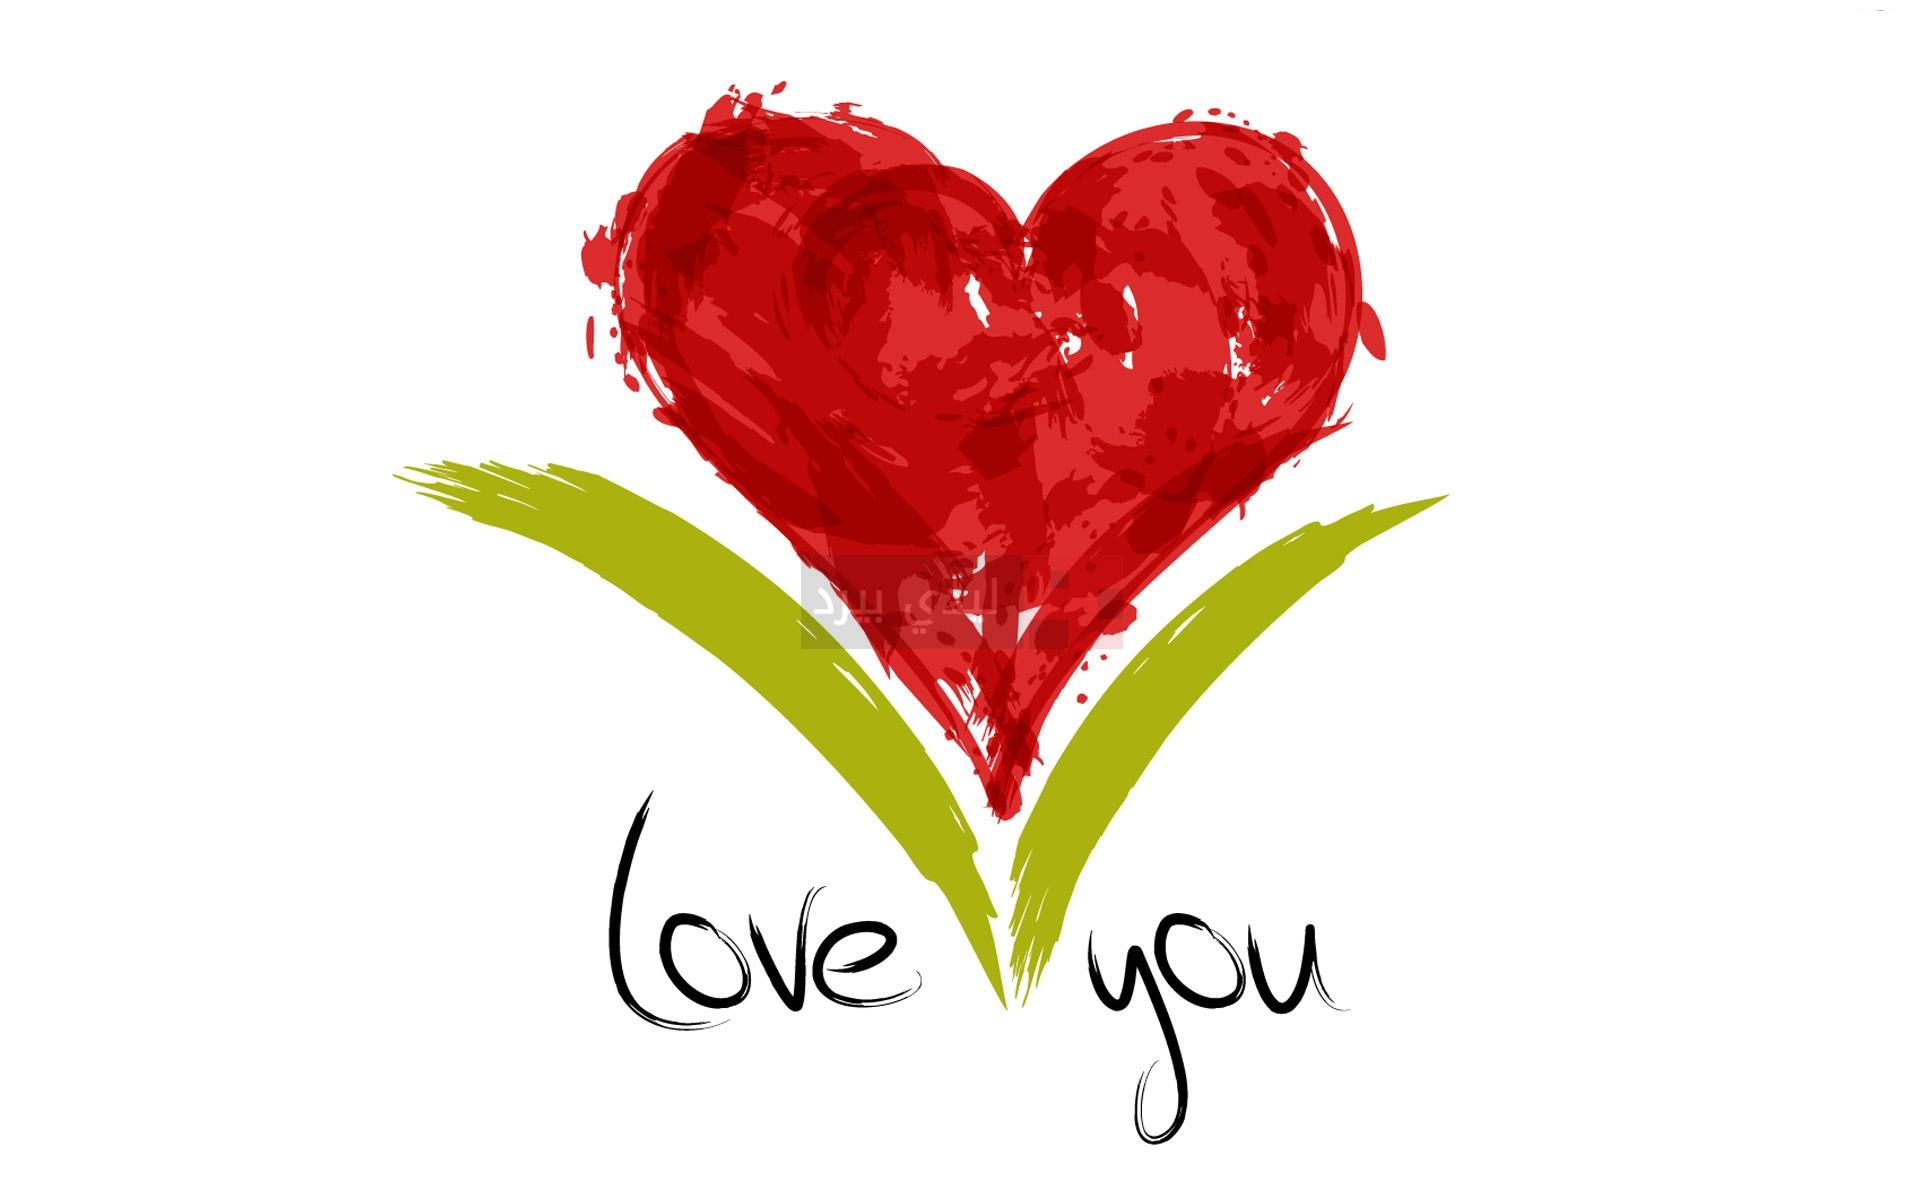 بالصور رسالة حب , التعبير عن حبك واشواقك فى رساله 5421 7